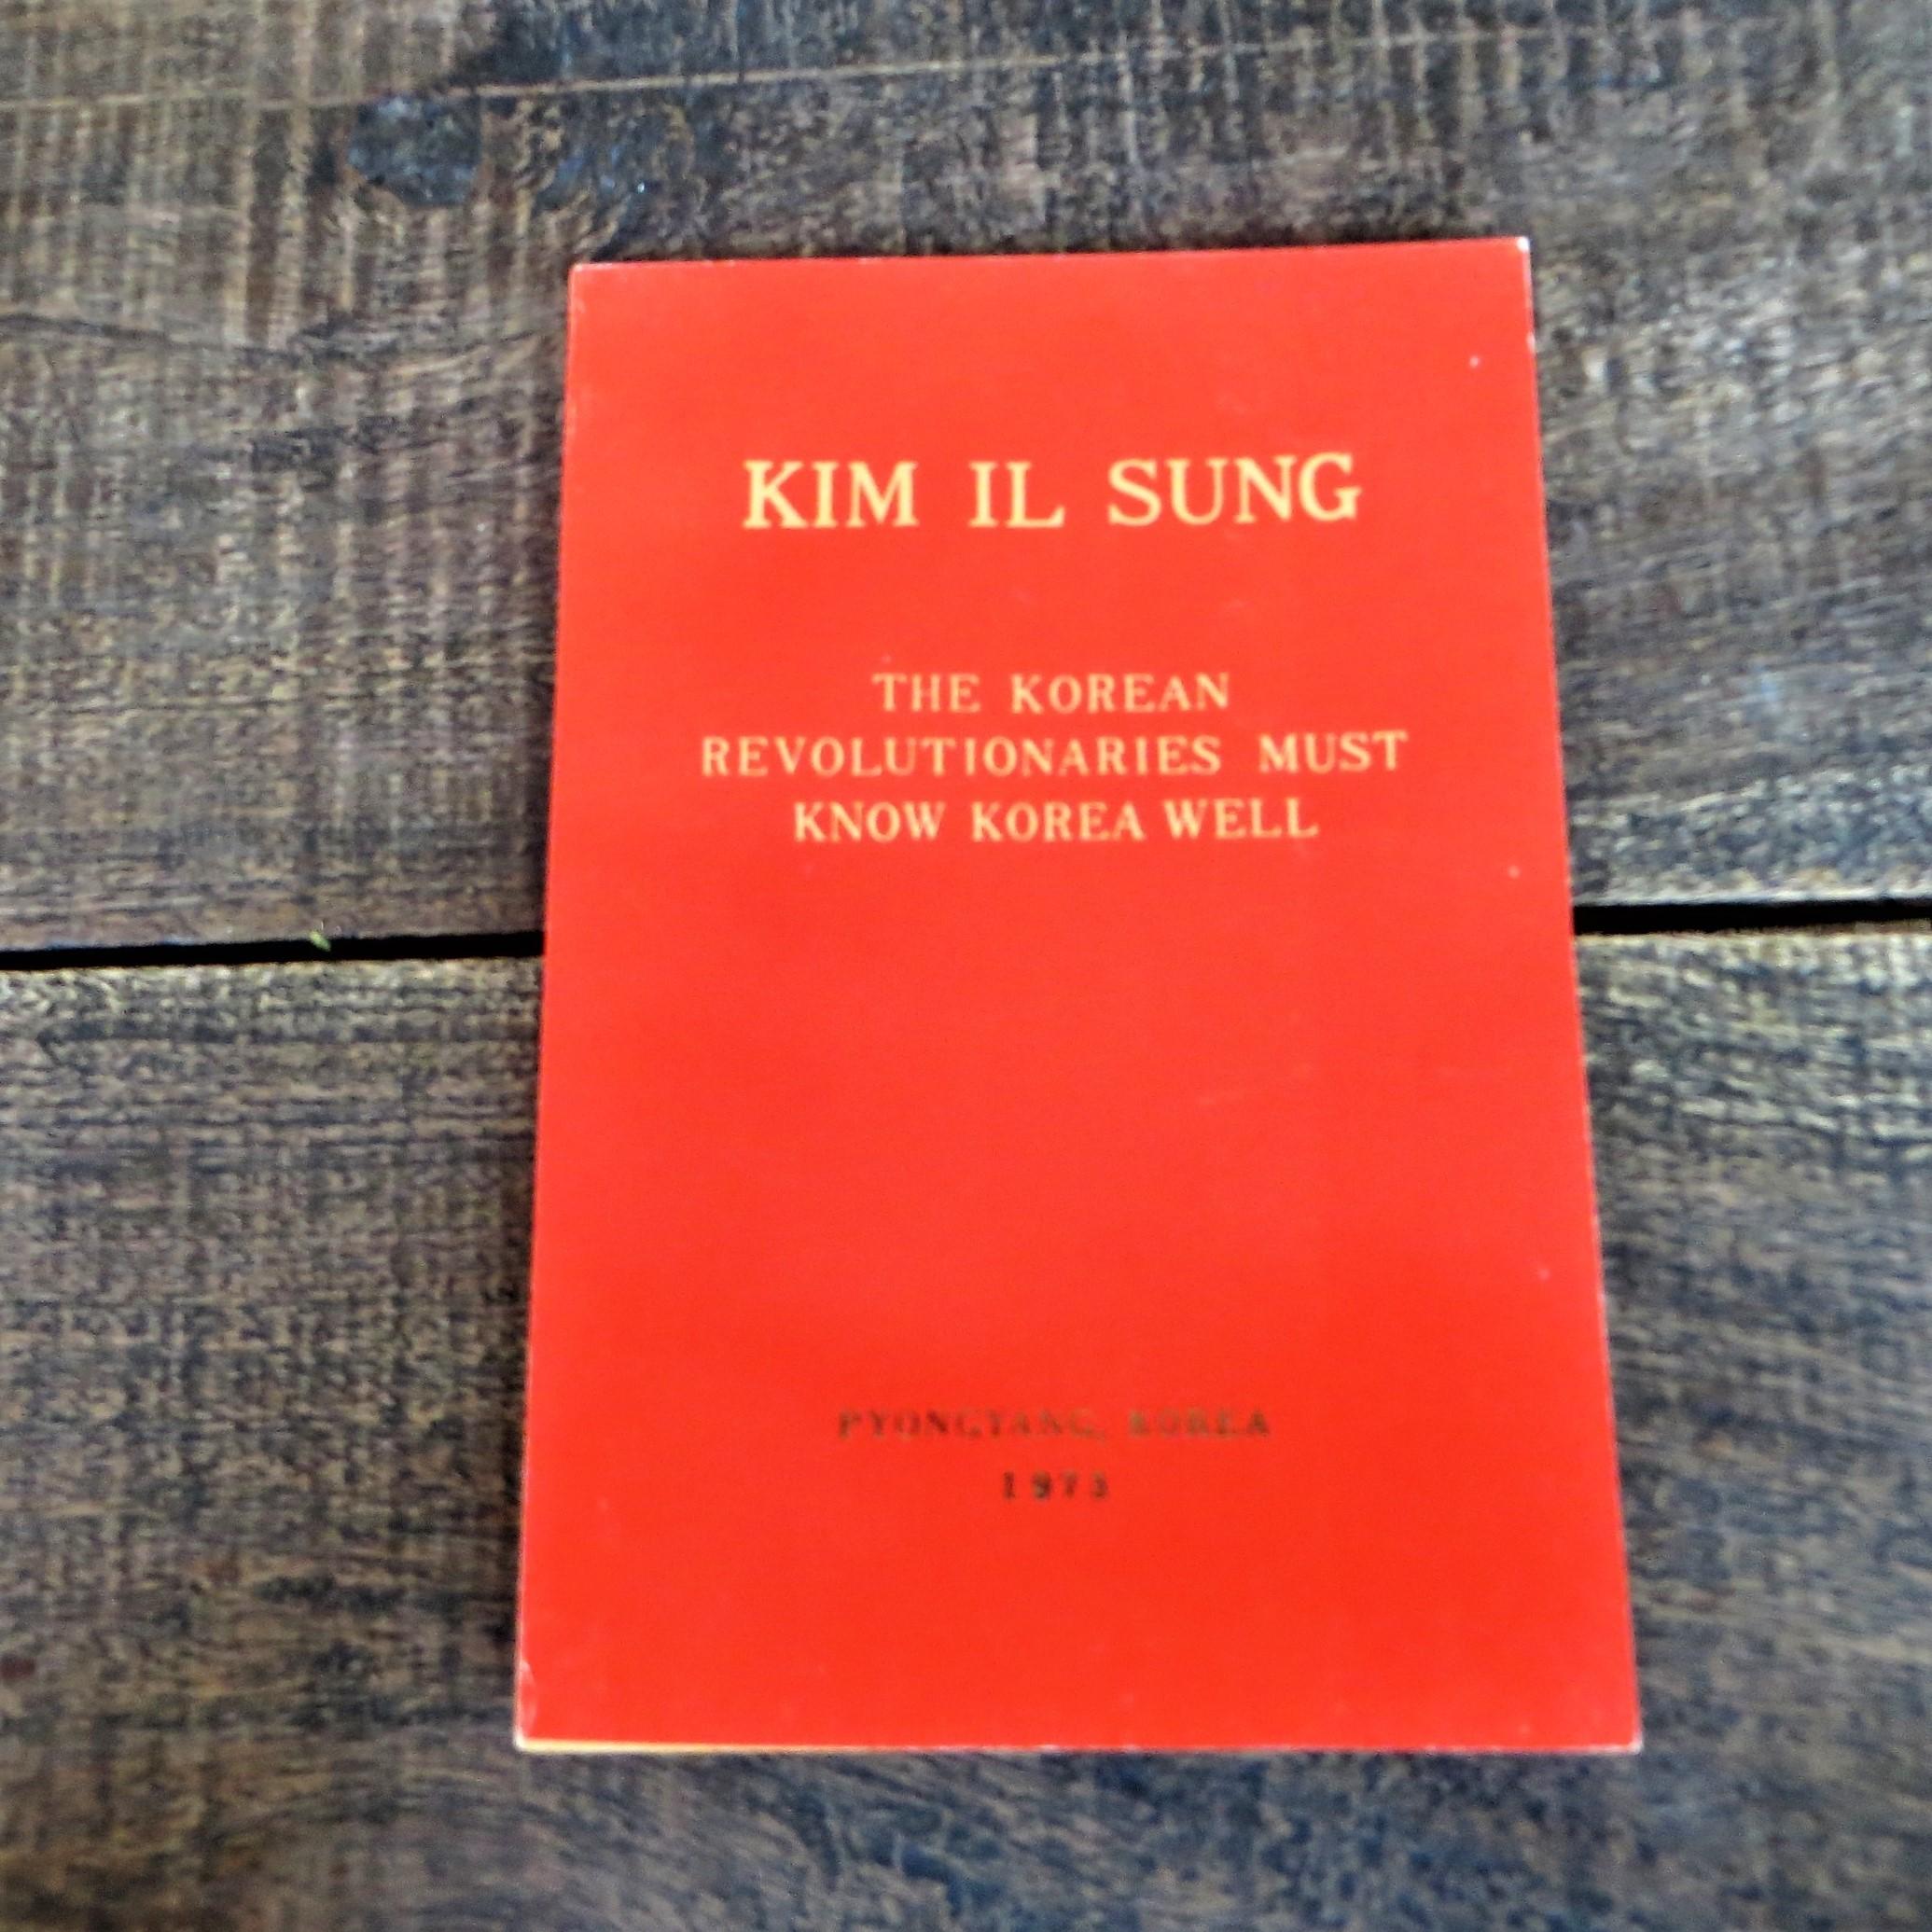 book-north-korea-kim-il-sung-1-3